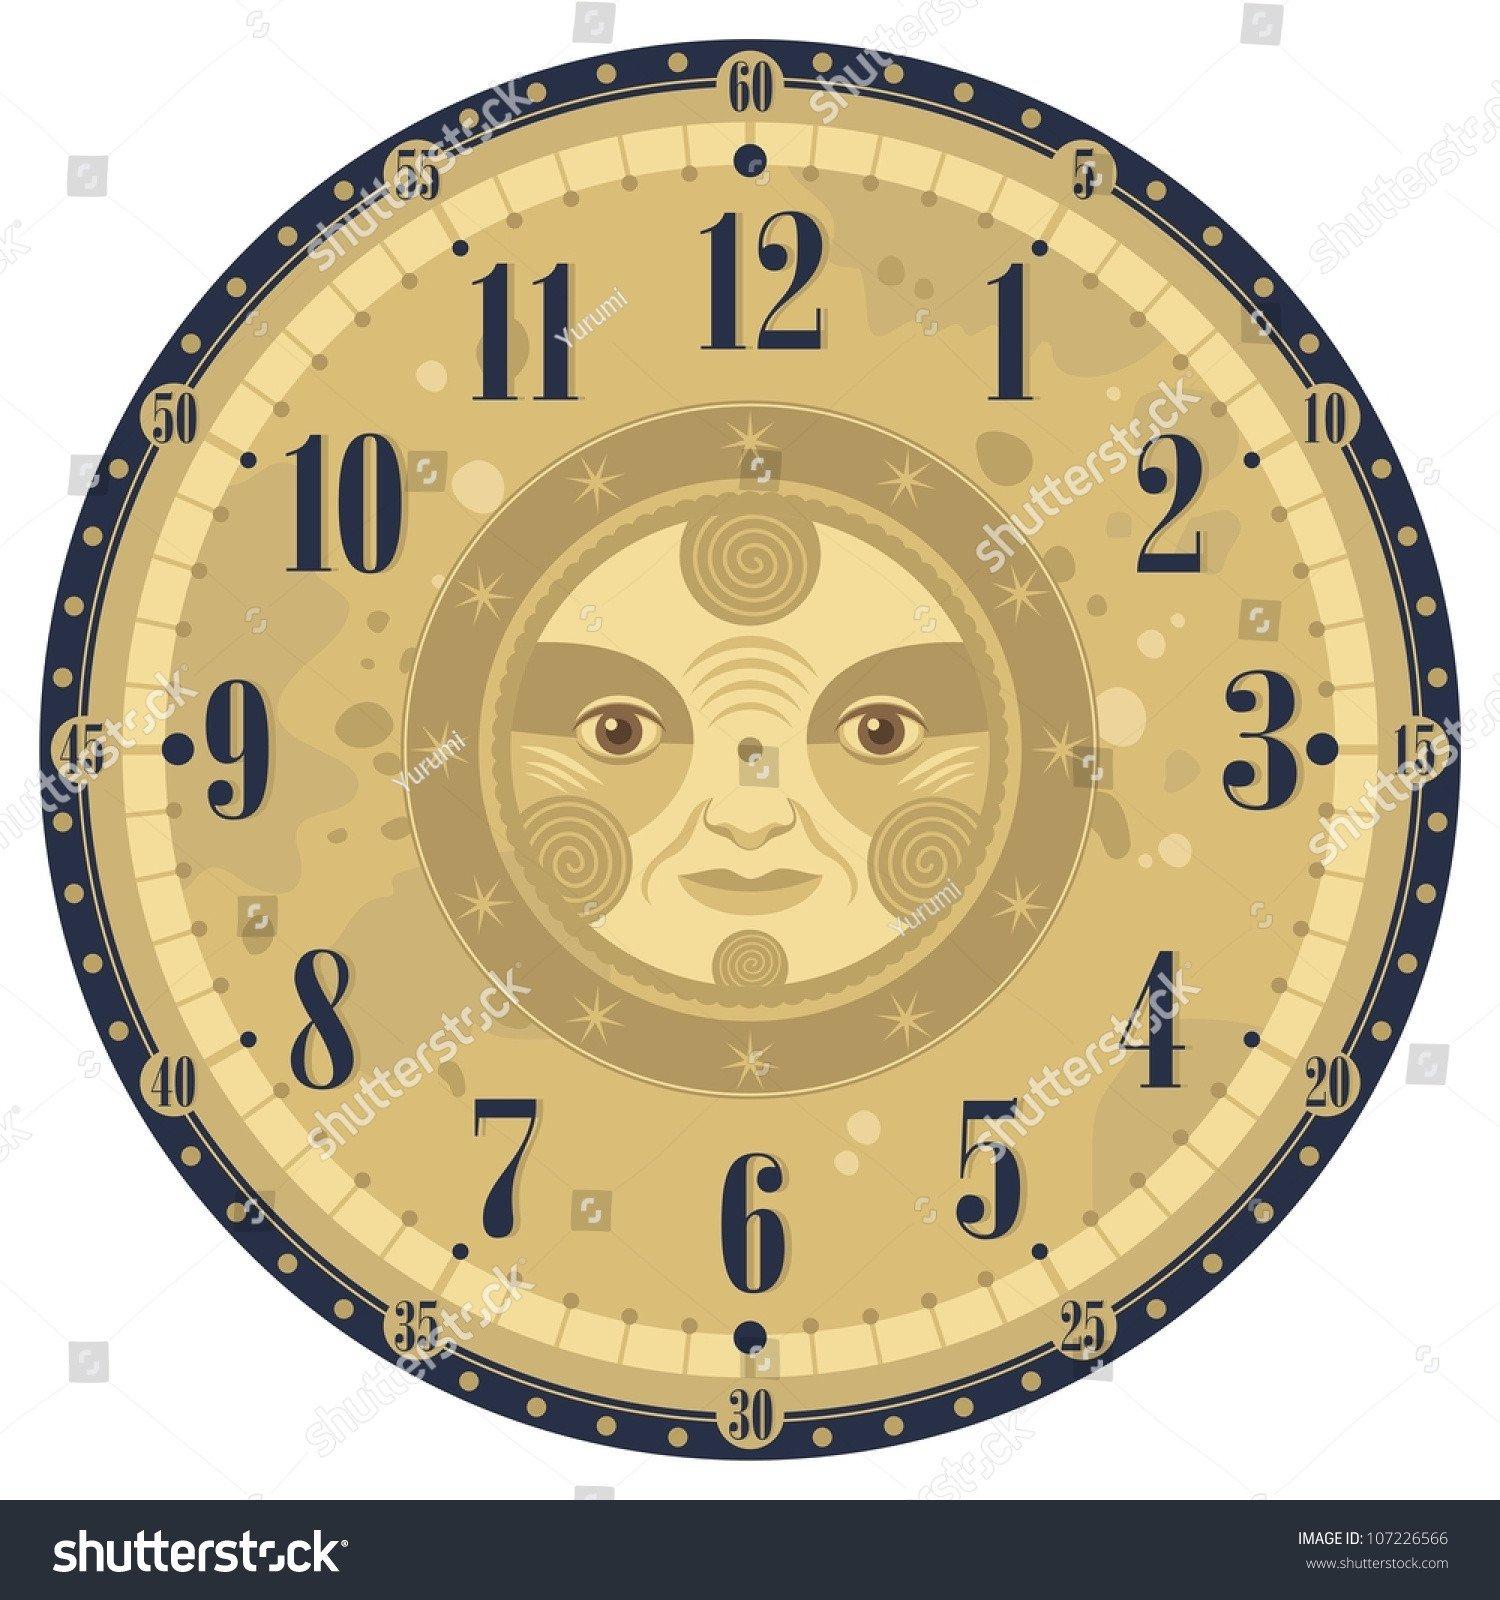 Customizable Clock Face Template Vintage Clock Face Template with Decorative Sun Stock